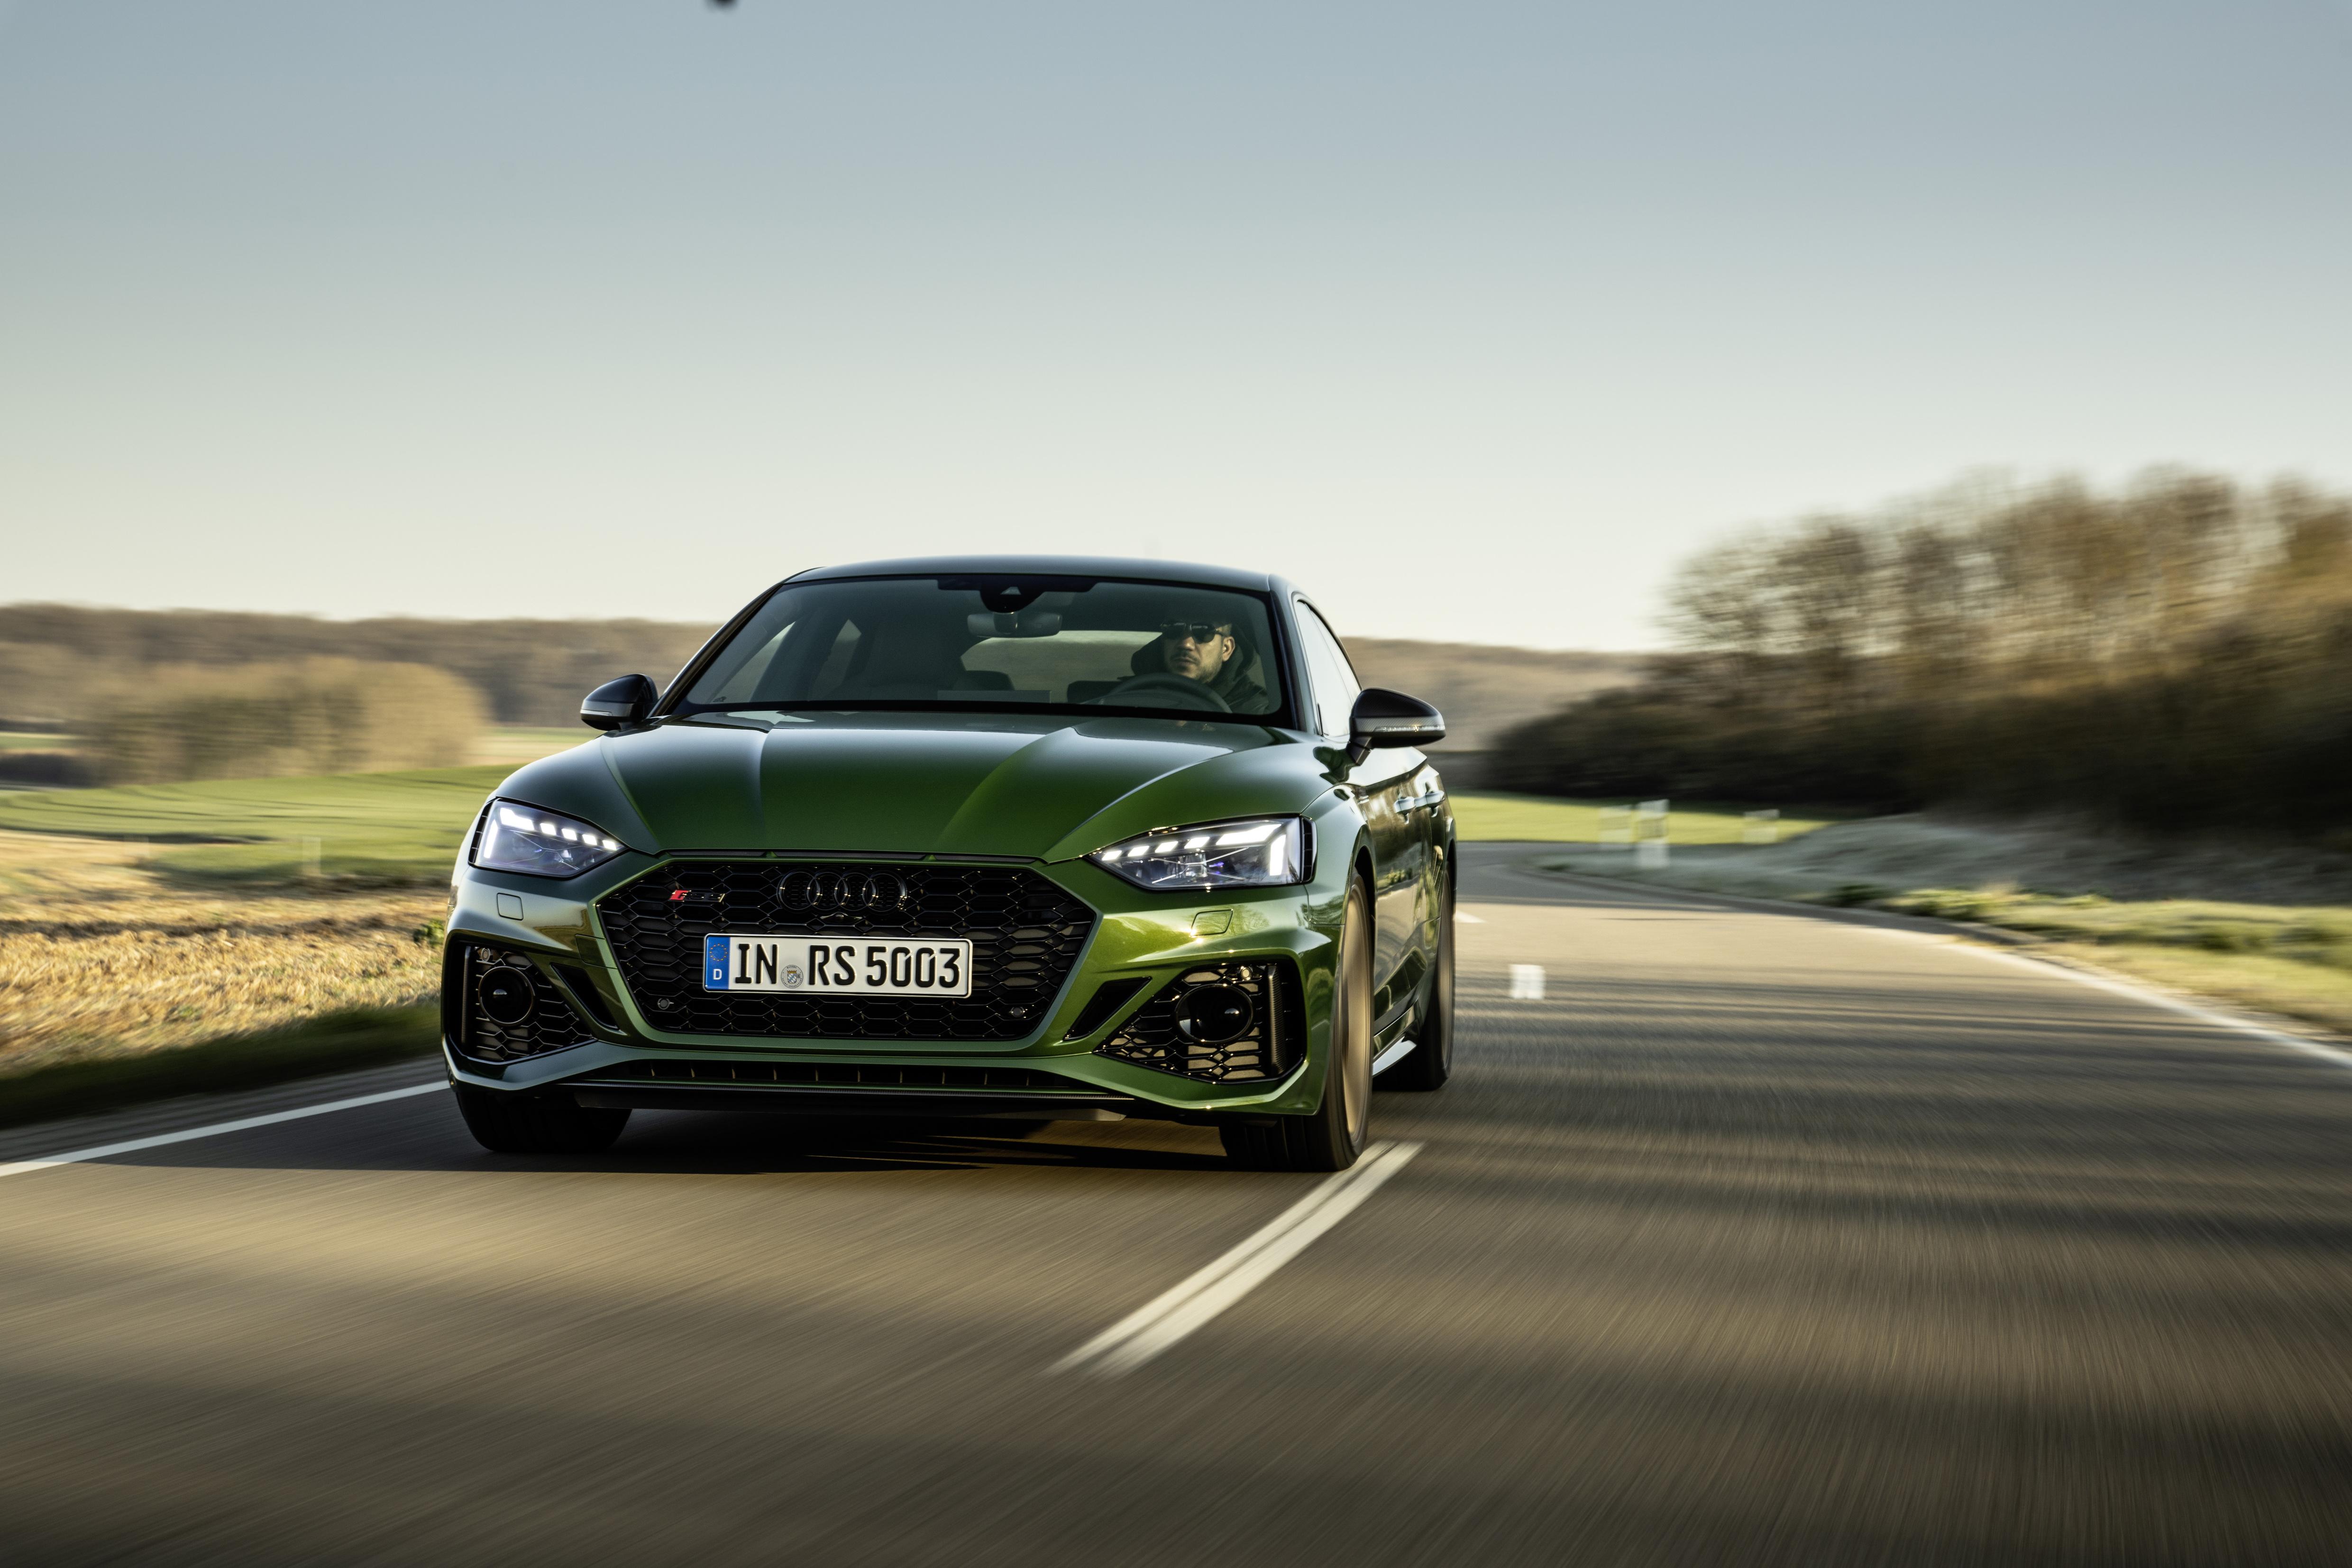 Straßenstaubsauger mit 450 PS - der Audi RS 5 ist eine kultivierte Sportlimousine, die es faustdick unter der Haube hat.